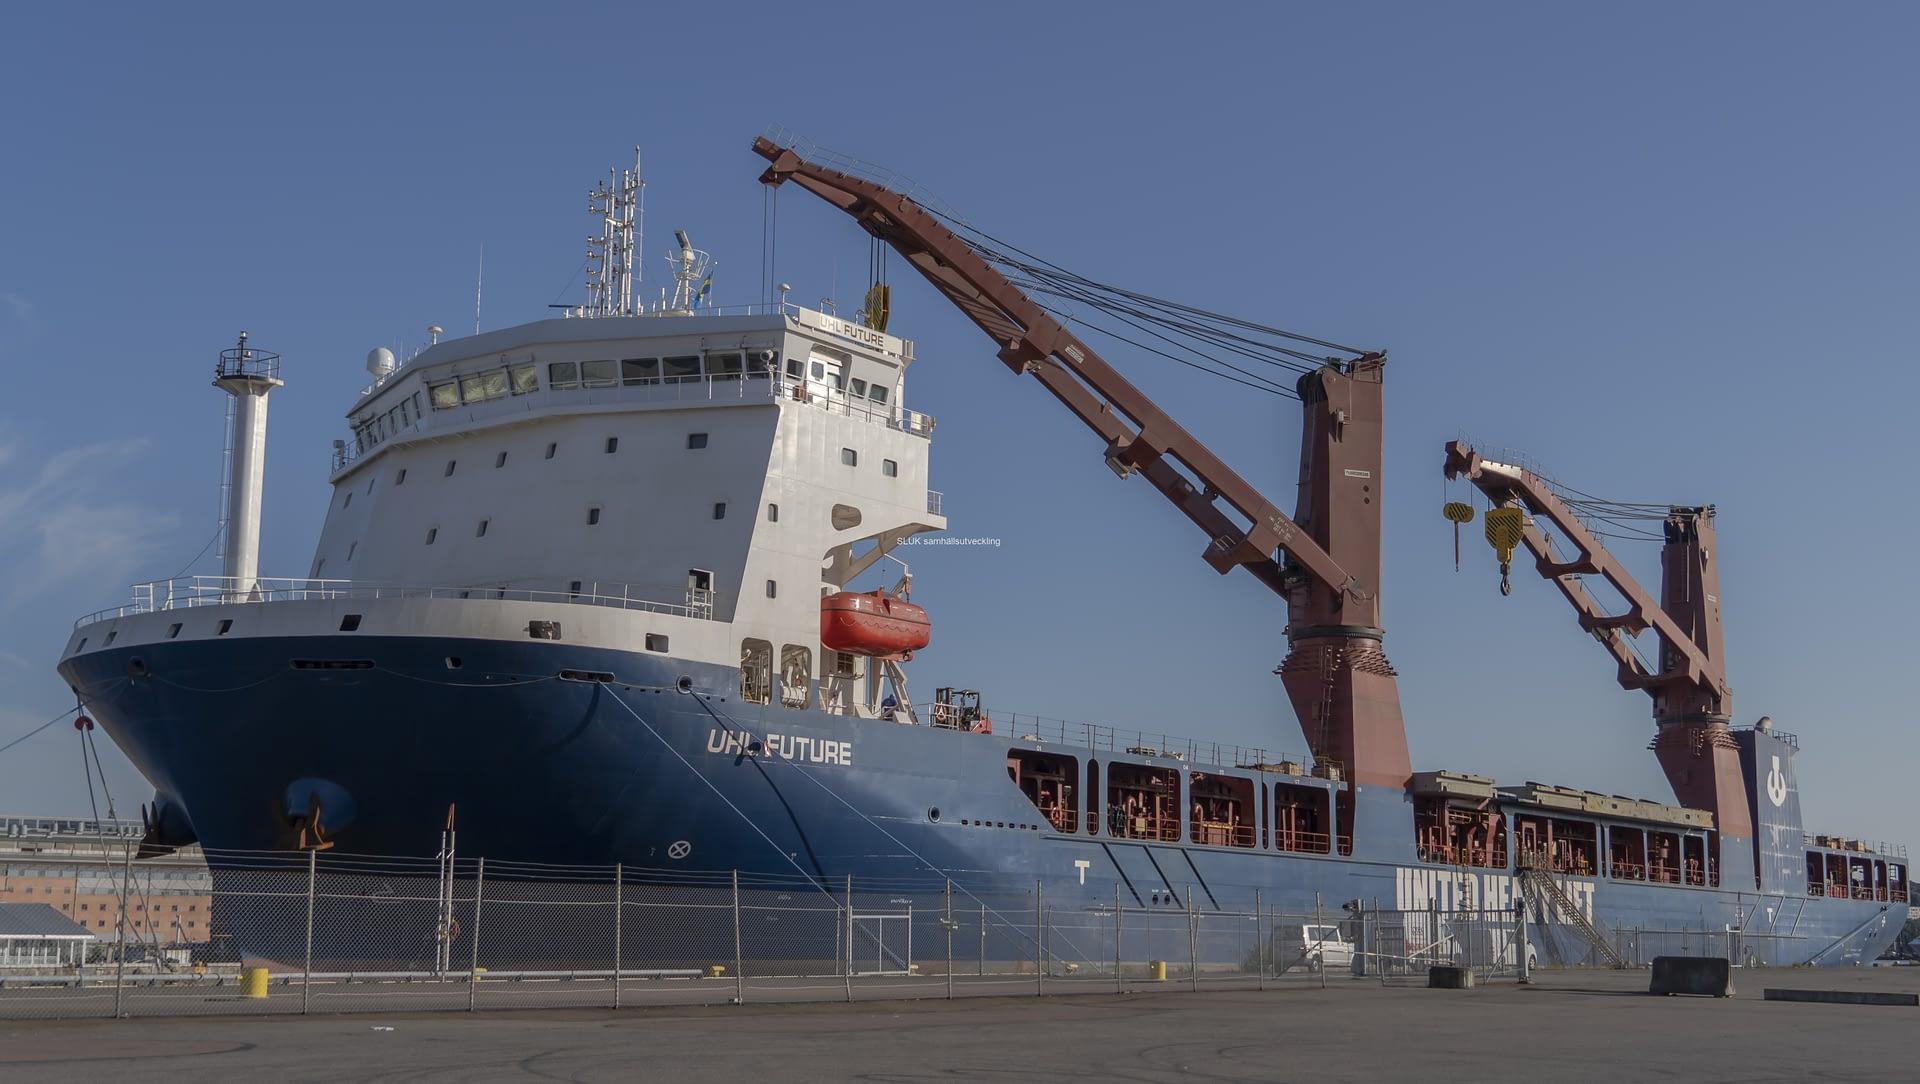 Lyftspannet till Hisingsbron anlände till Frihamnen lördagen den 8 augusti med det spanska fartyget UHL Future.